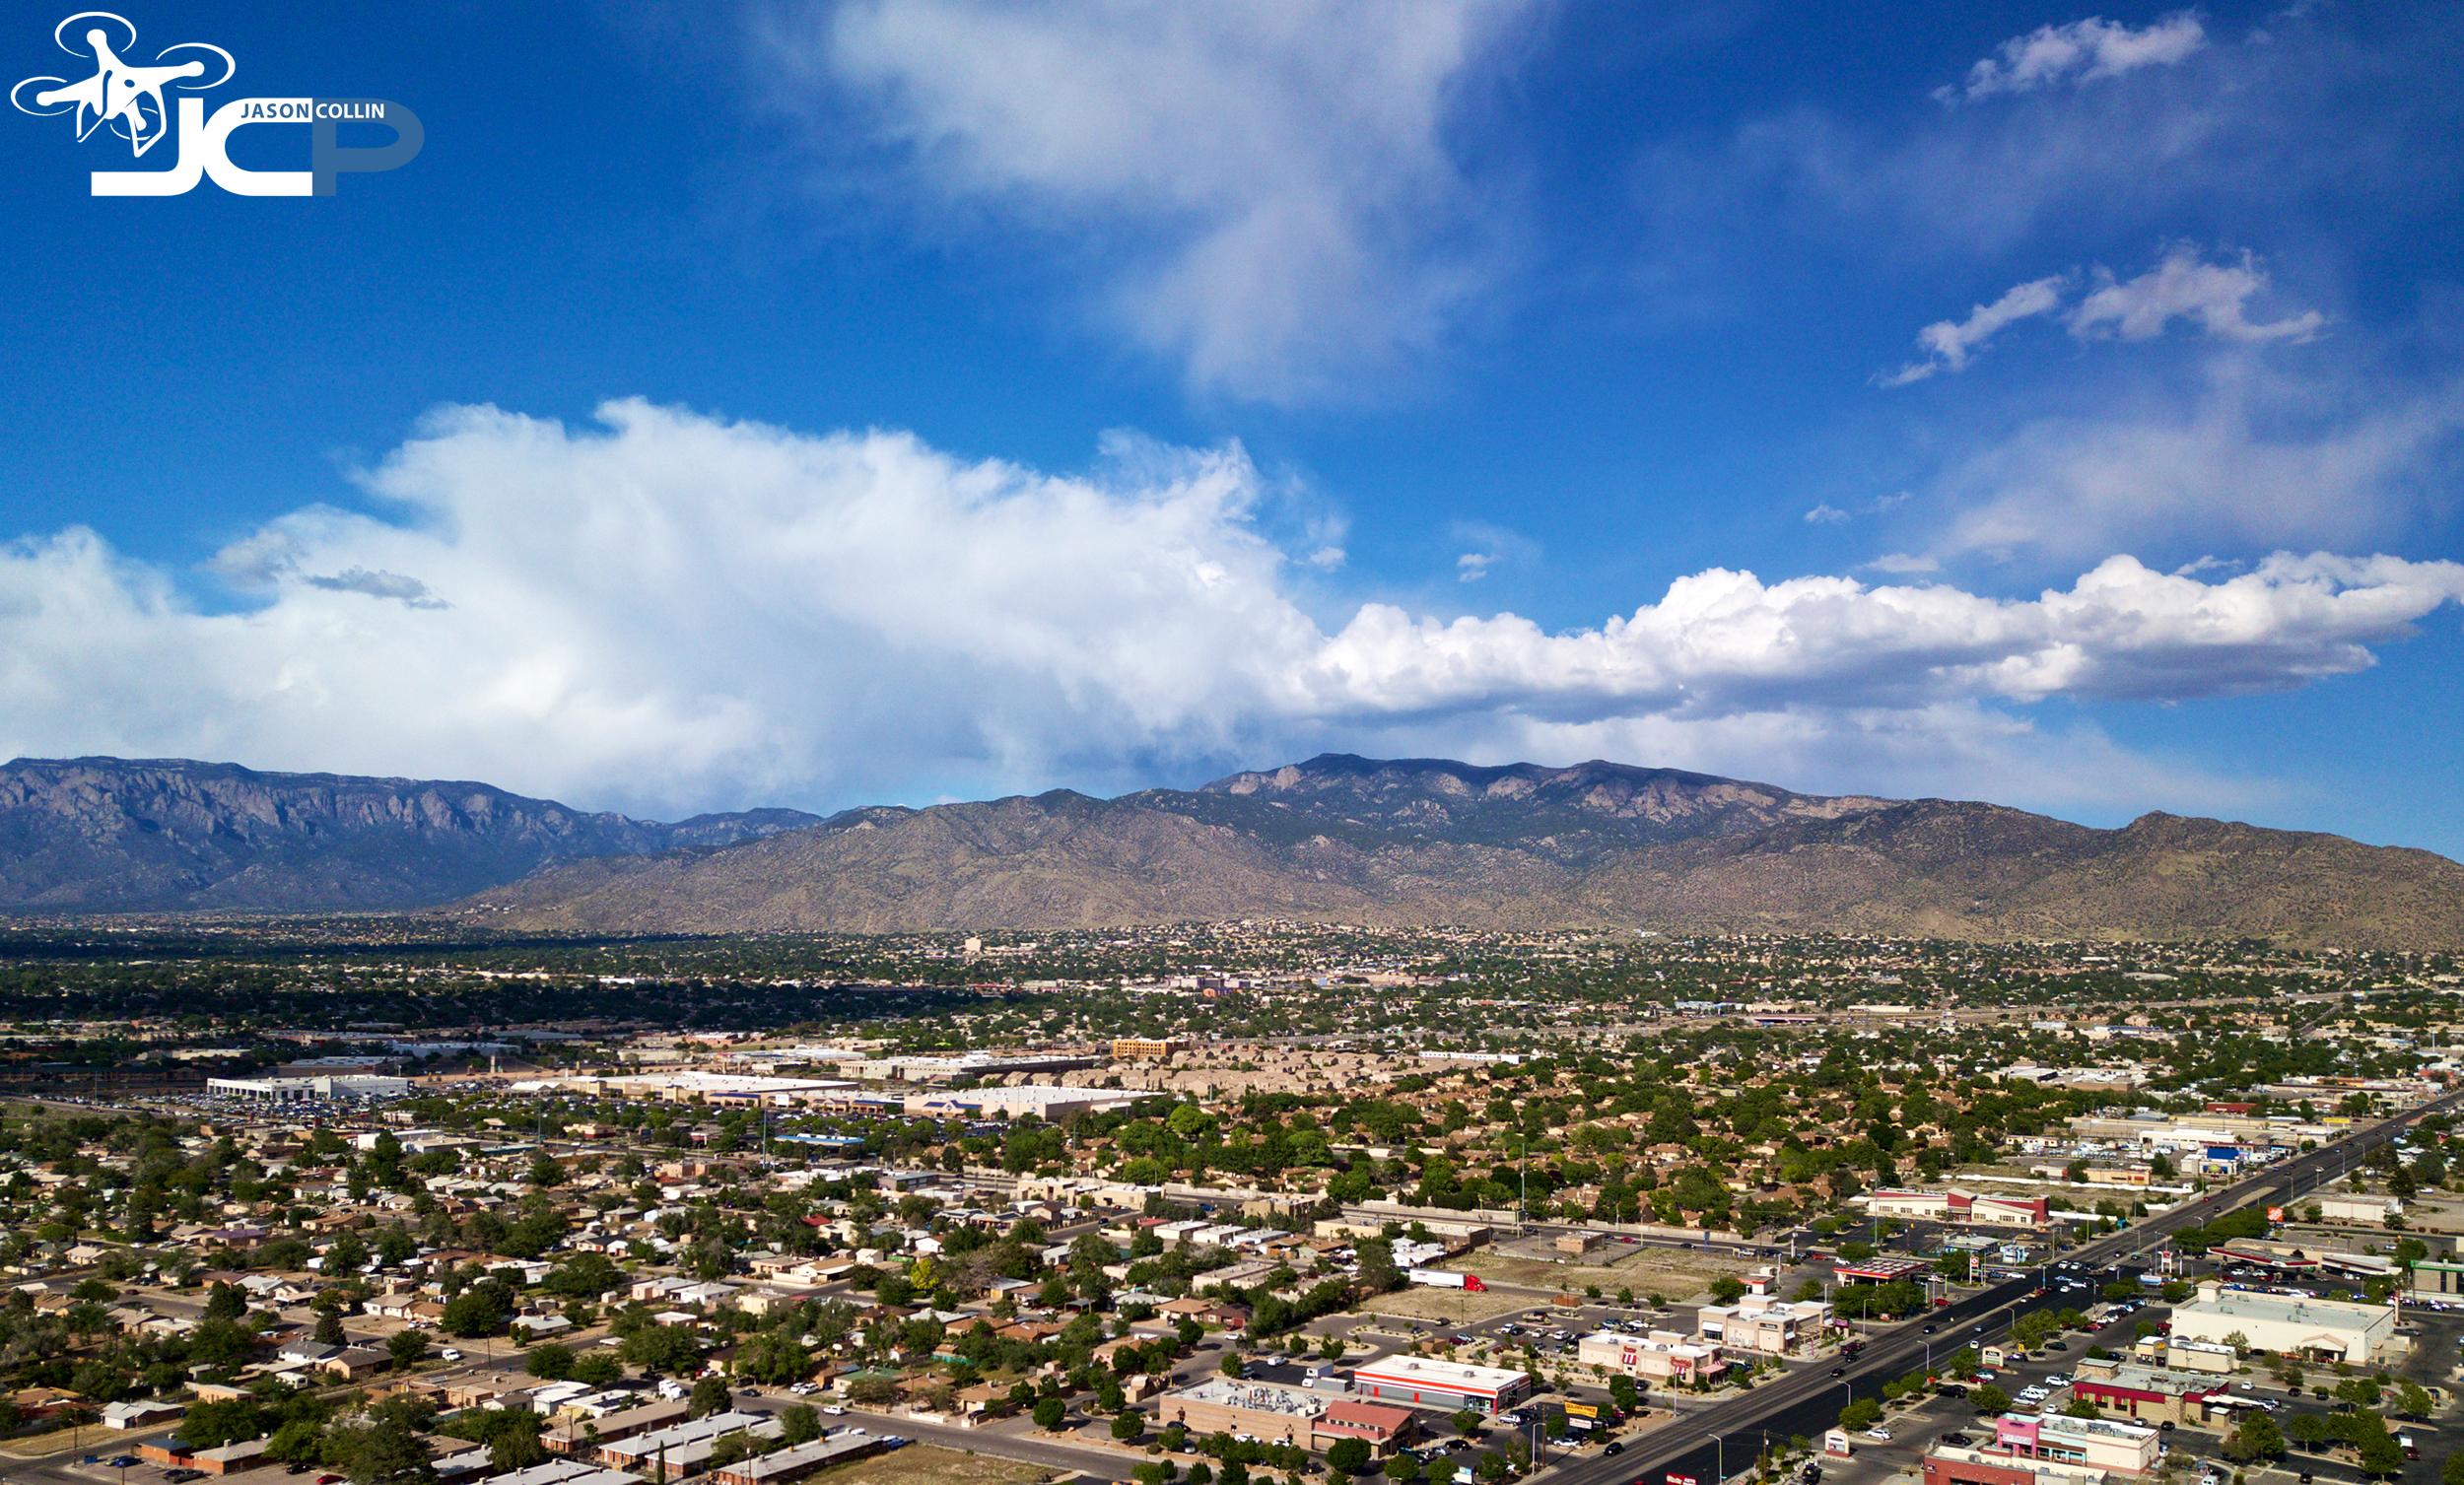 drone photography albuquerque new mexico